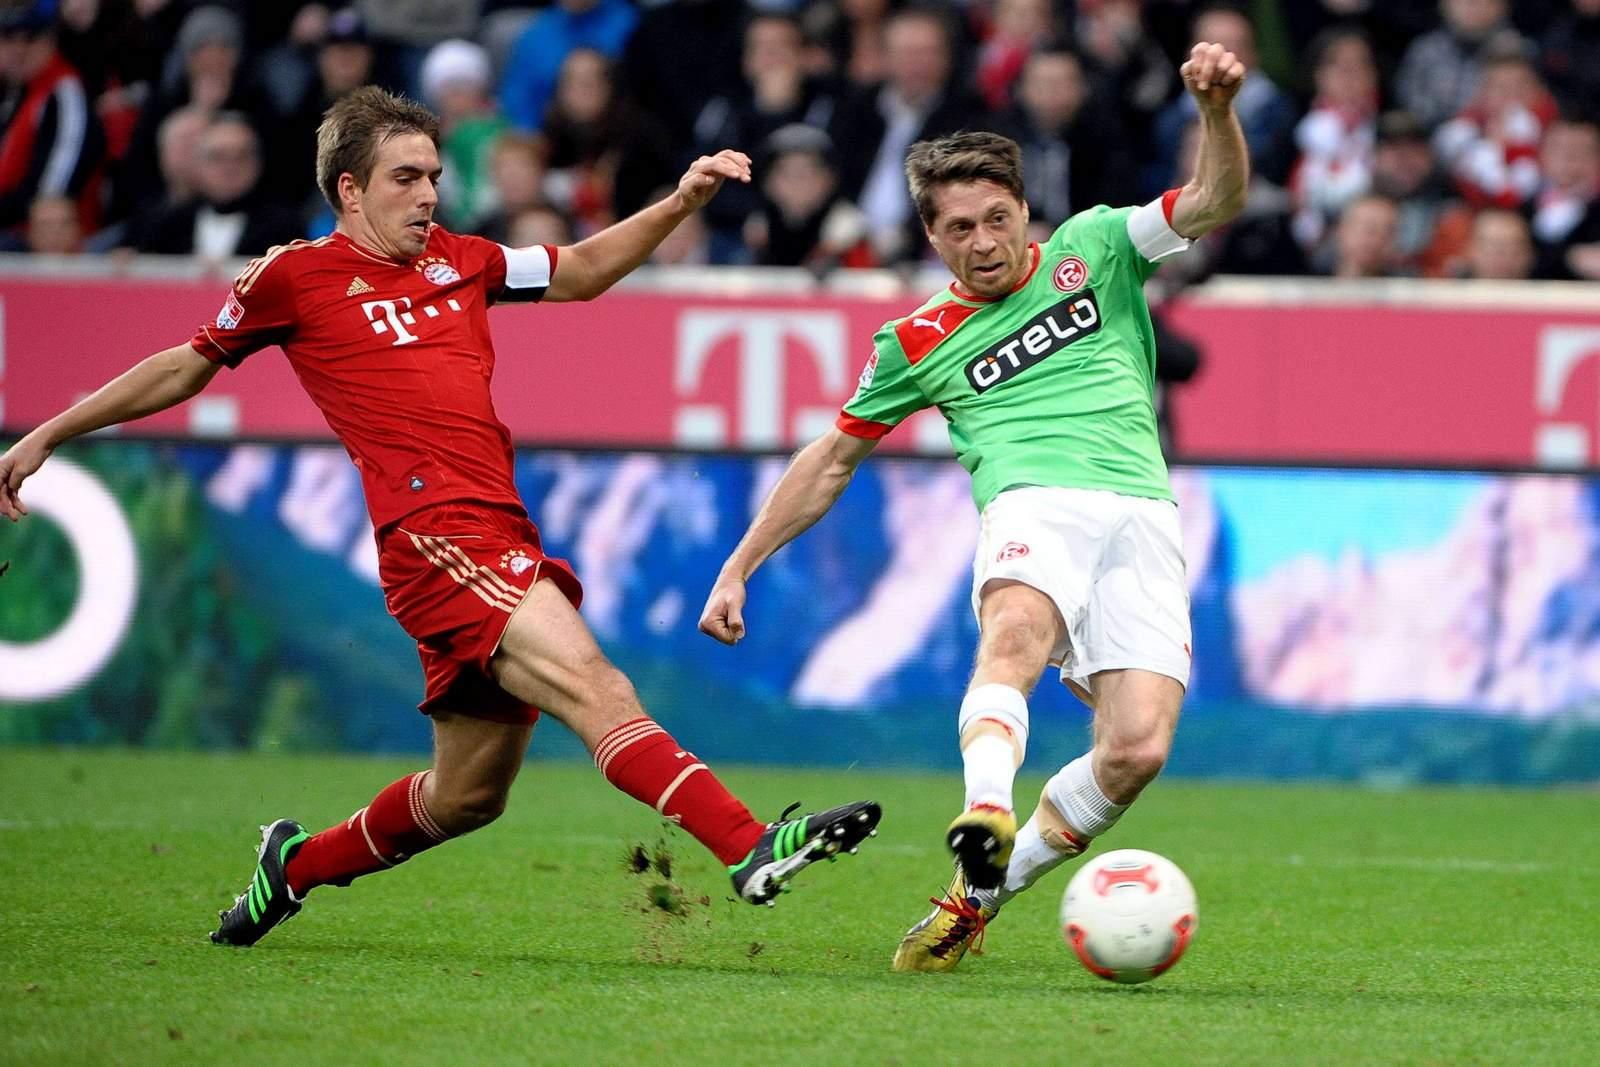 Andreas Lambertz erzielt Tor gegen den FC Bayern